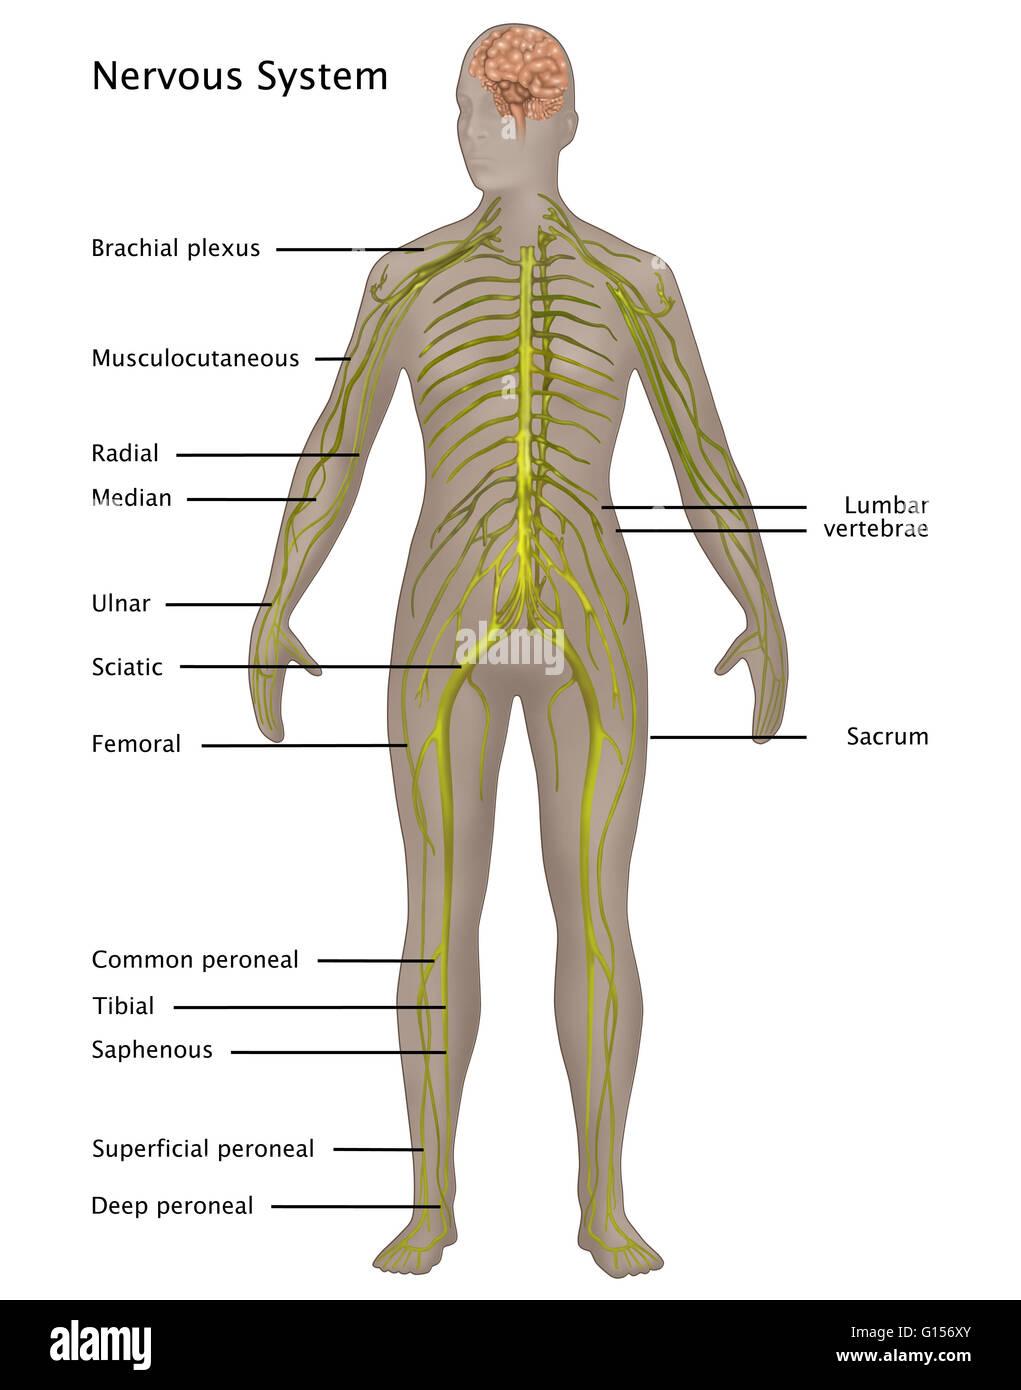 Abbildung des Nervensystems in der weiblichen Anatomie. Beschriftete ...